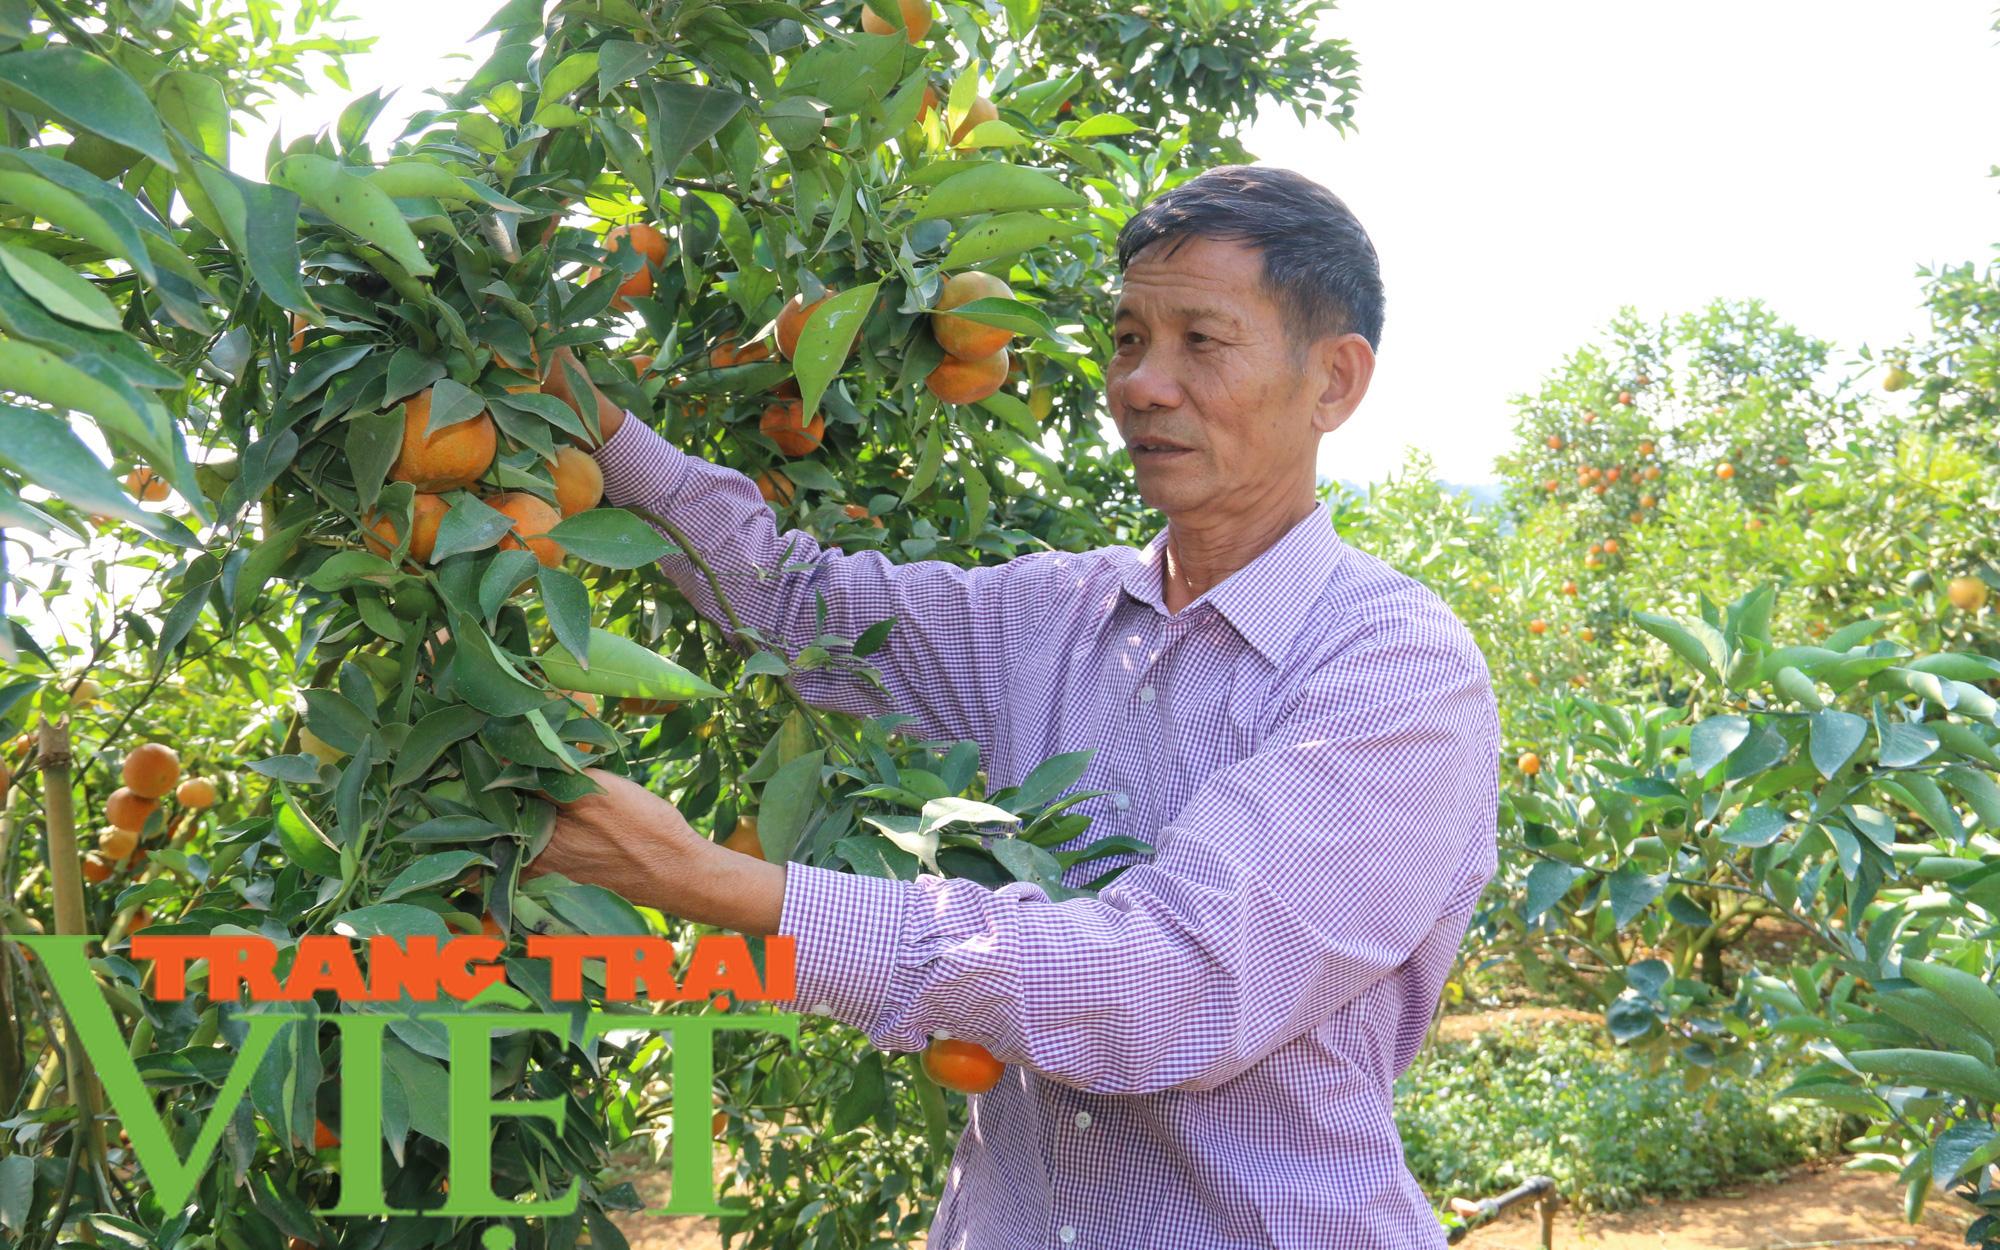 Sản xuất kinh doanh giỏi, phong trào giúp nông dân làm giàu